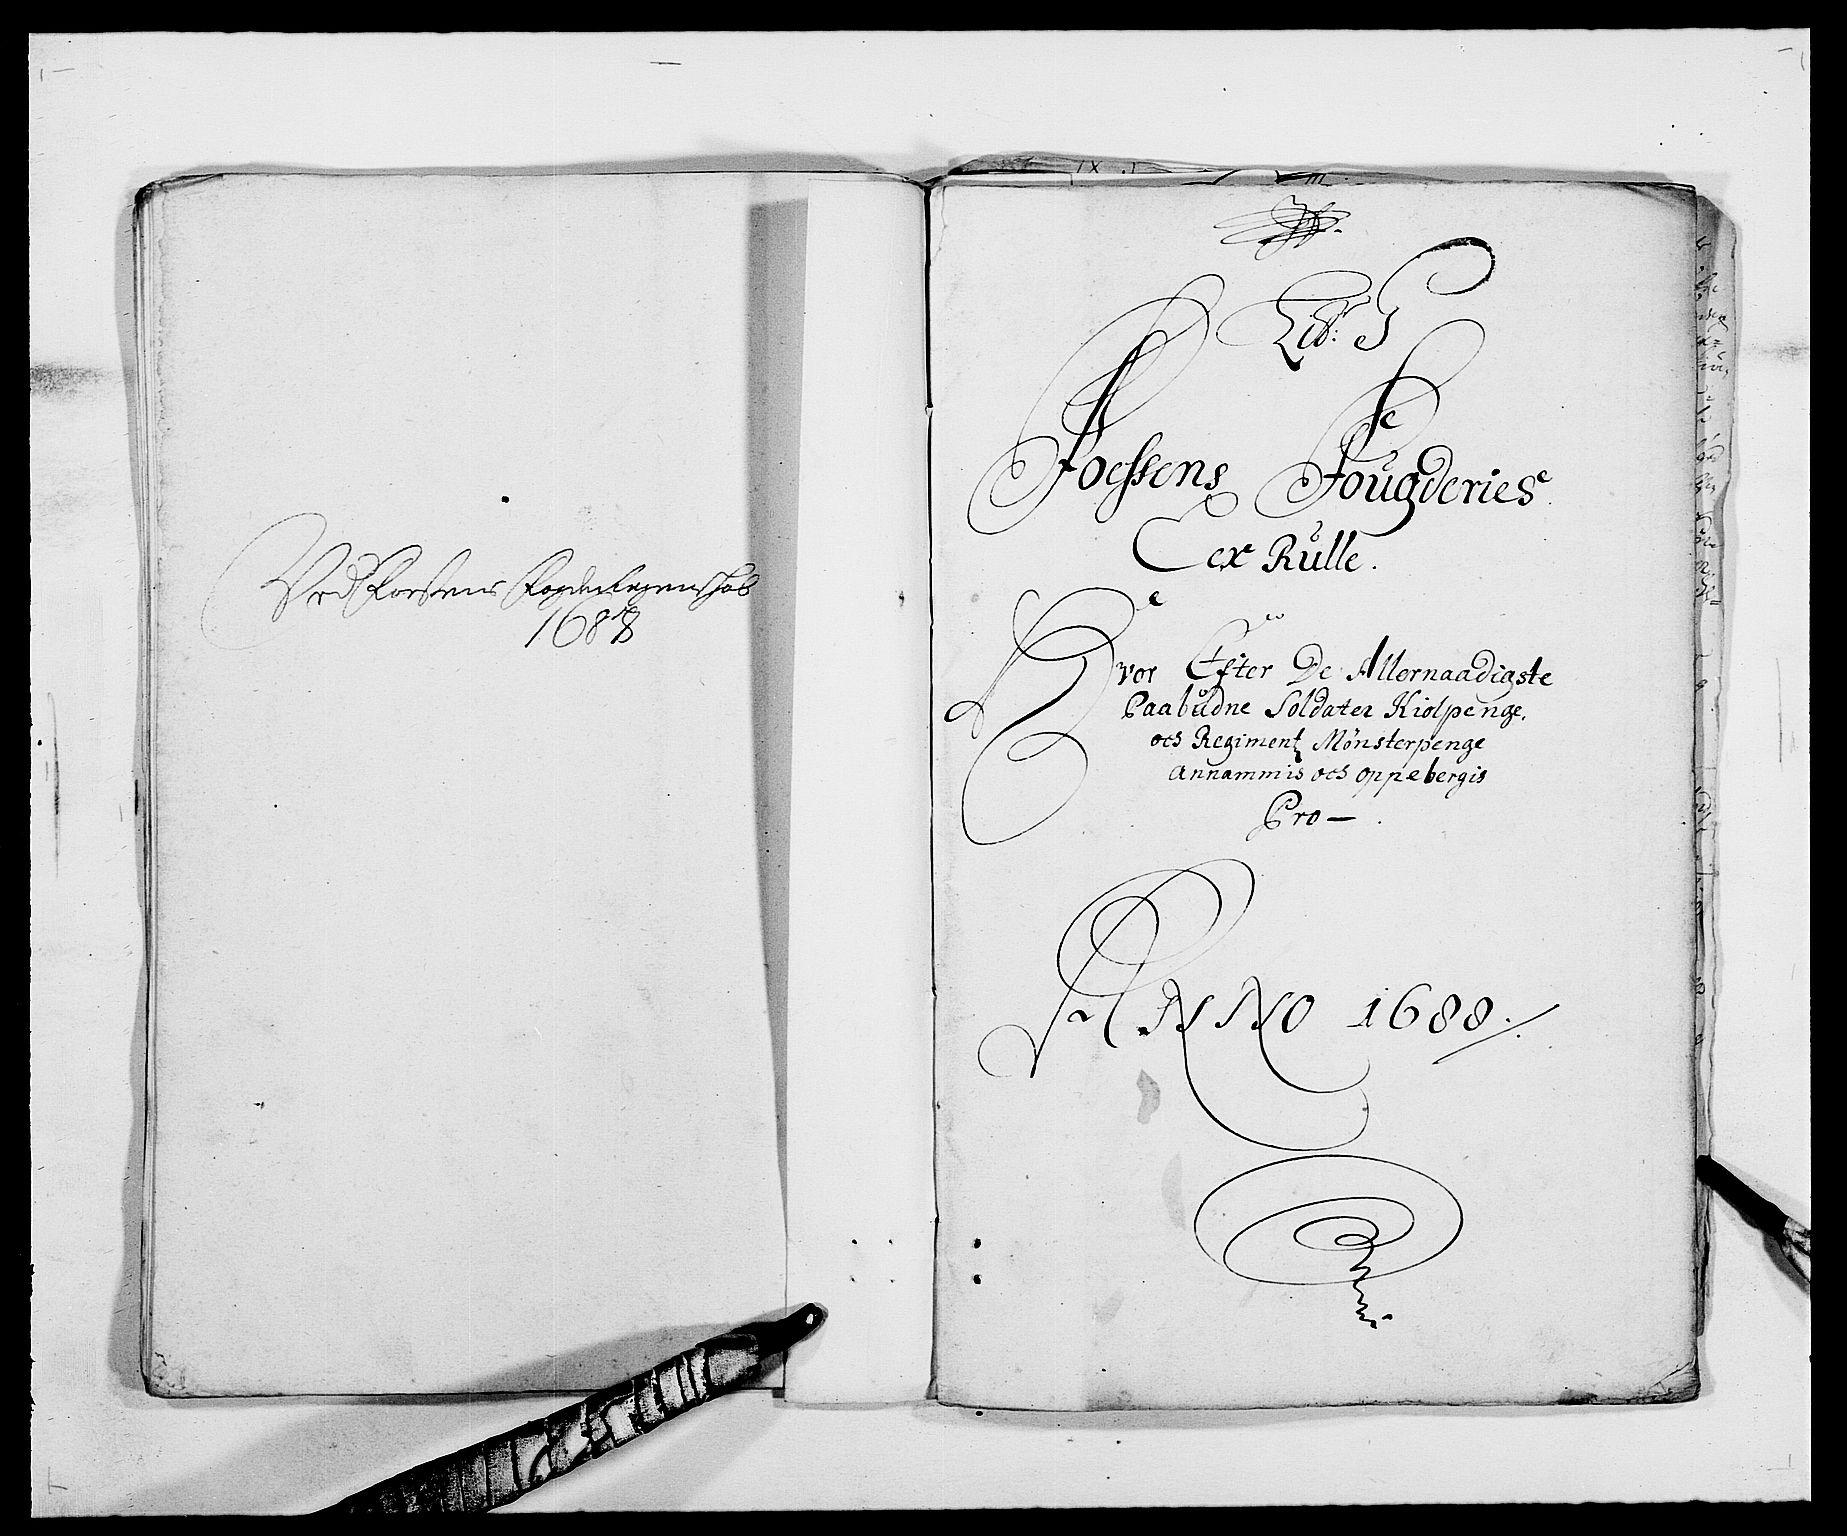 RA, Rentekammeret inntil 1814, Reviderte regnskaper, Fogderegnskap, R57/L3846: Fogderegnskap Fosen, 1688, s. 101